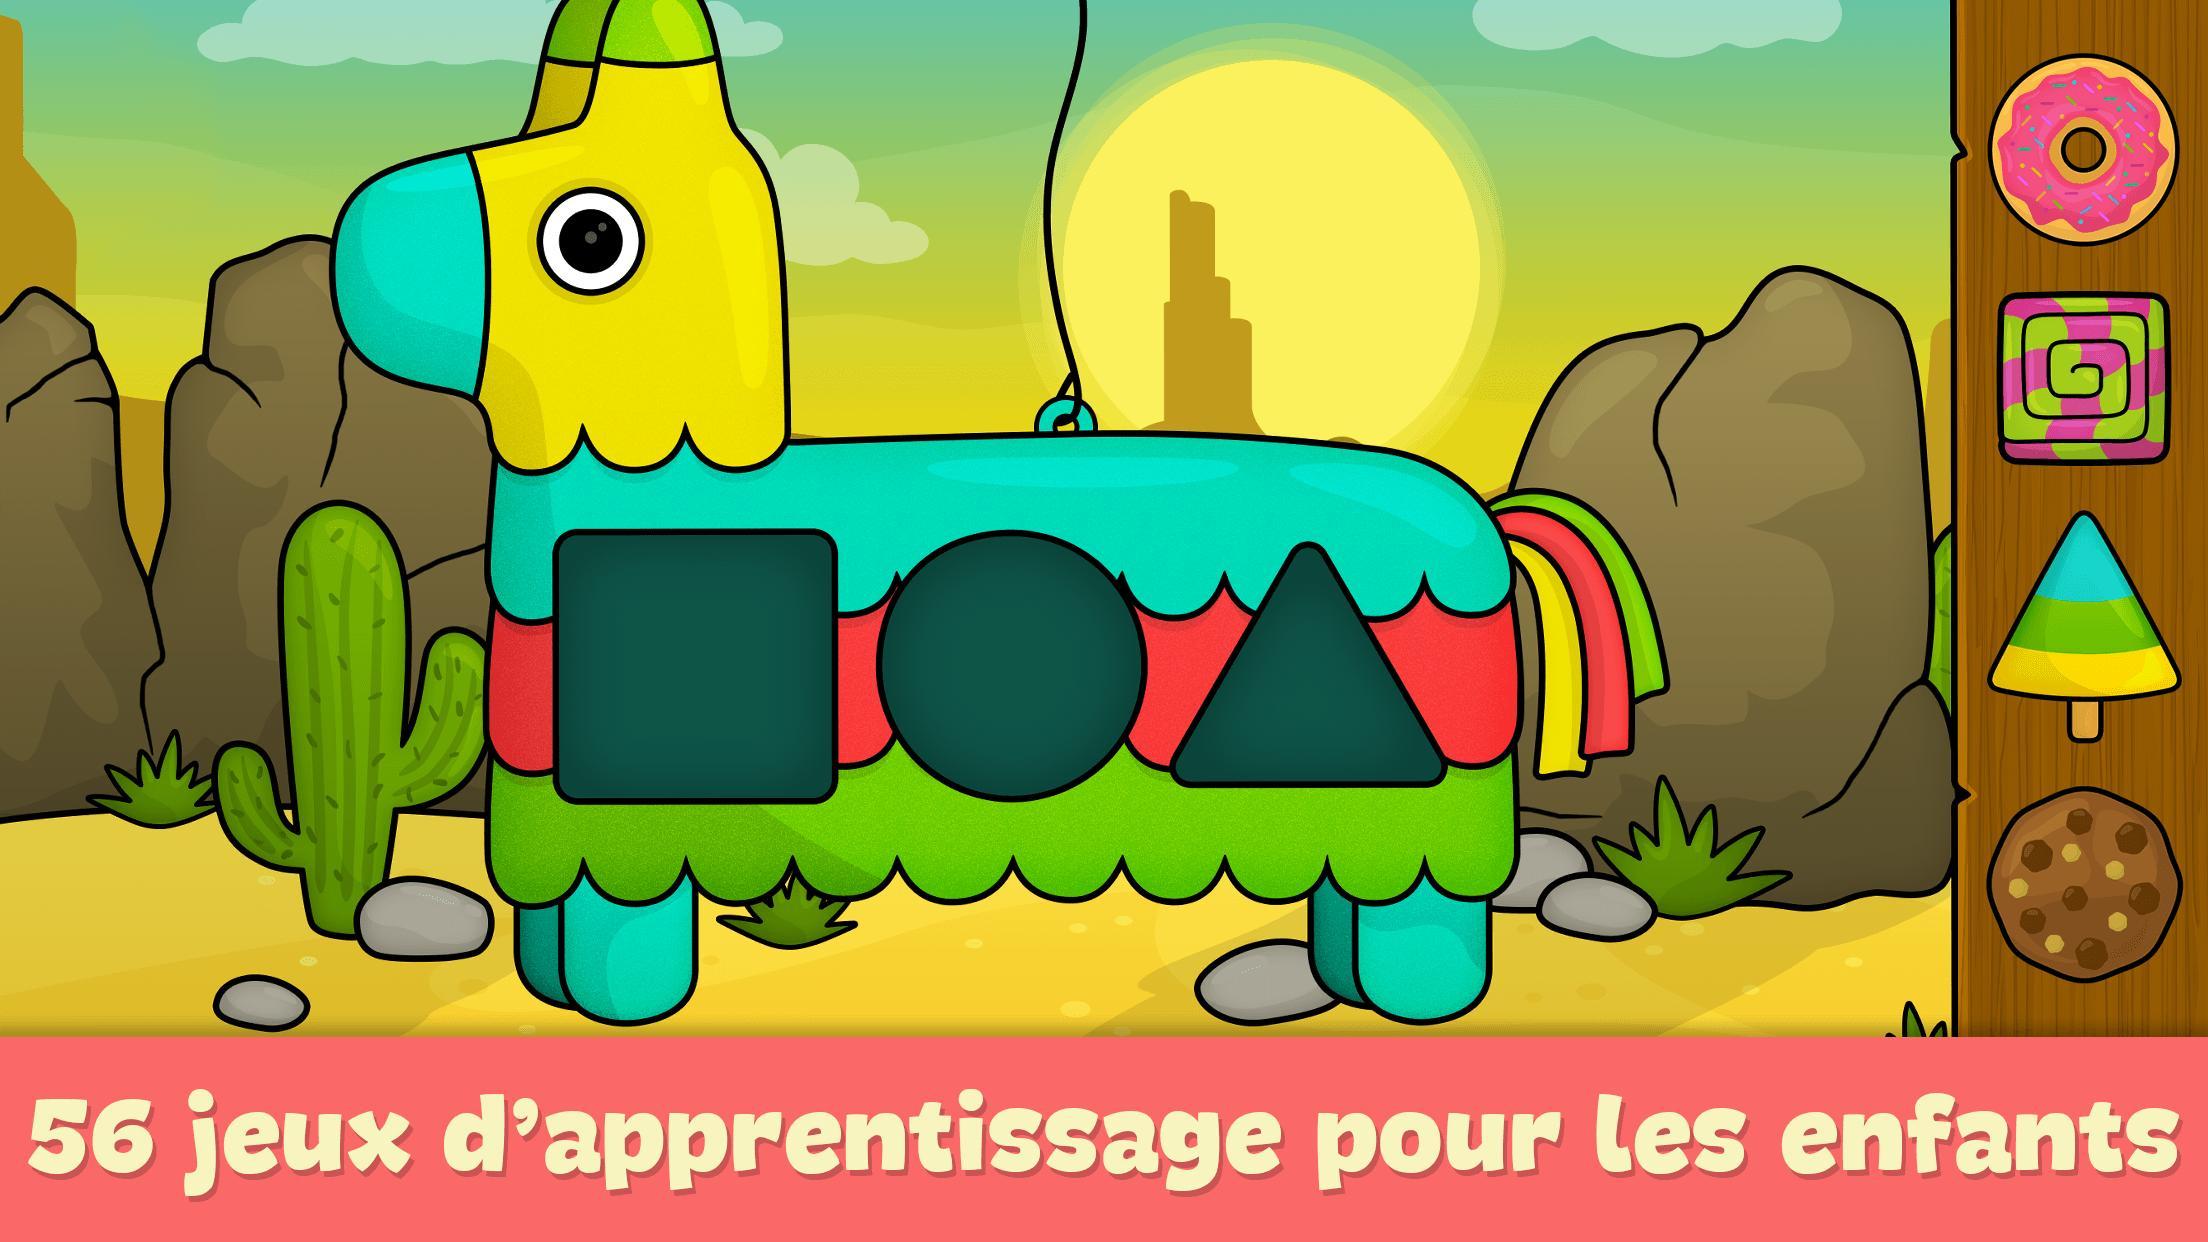 Jeux Pour Petit Garcon De 3 Ans Gratuit | Primanyc dedans Jeux Gratuit De Garçon